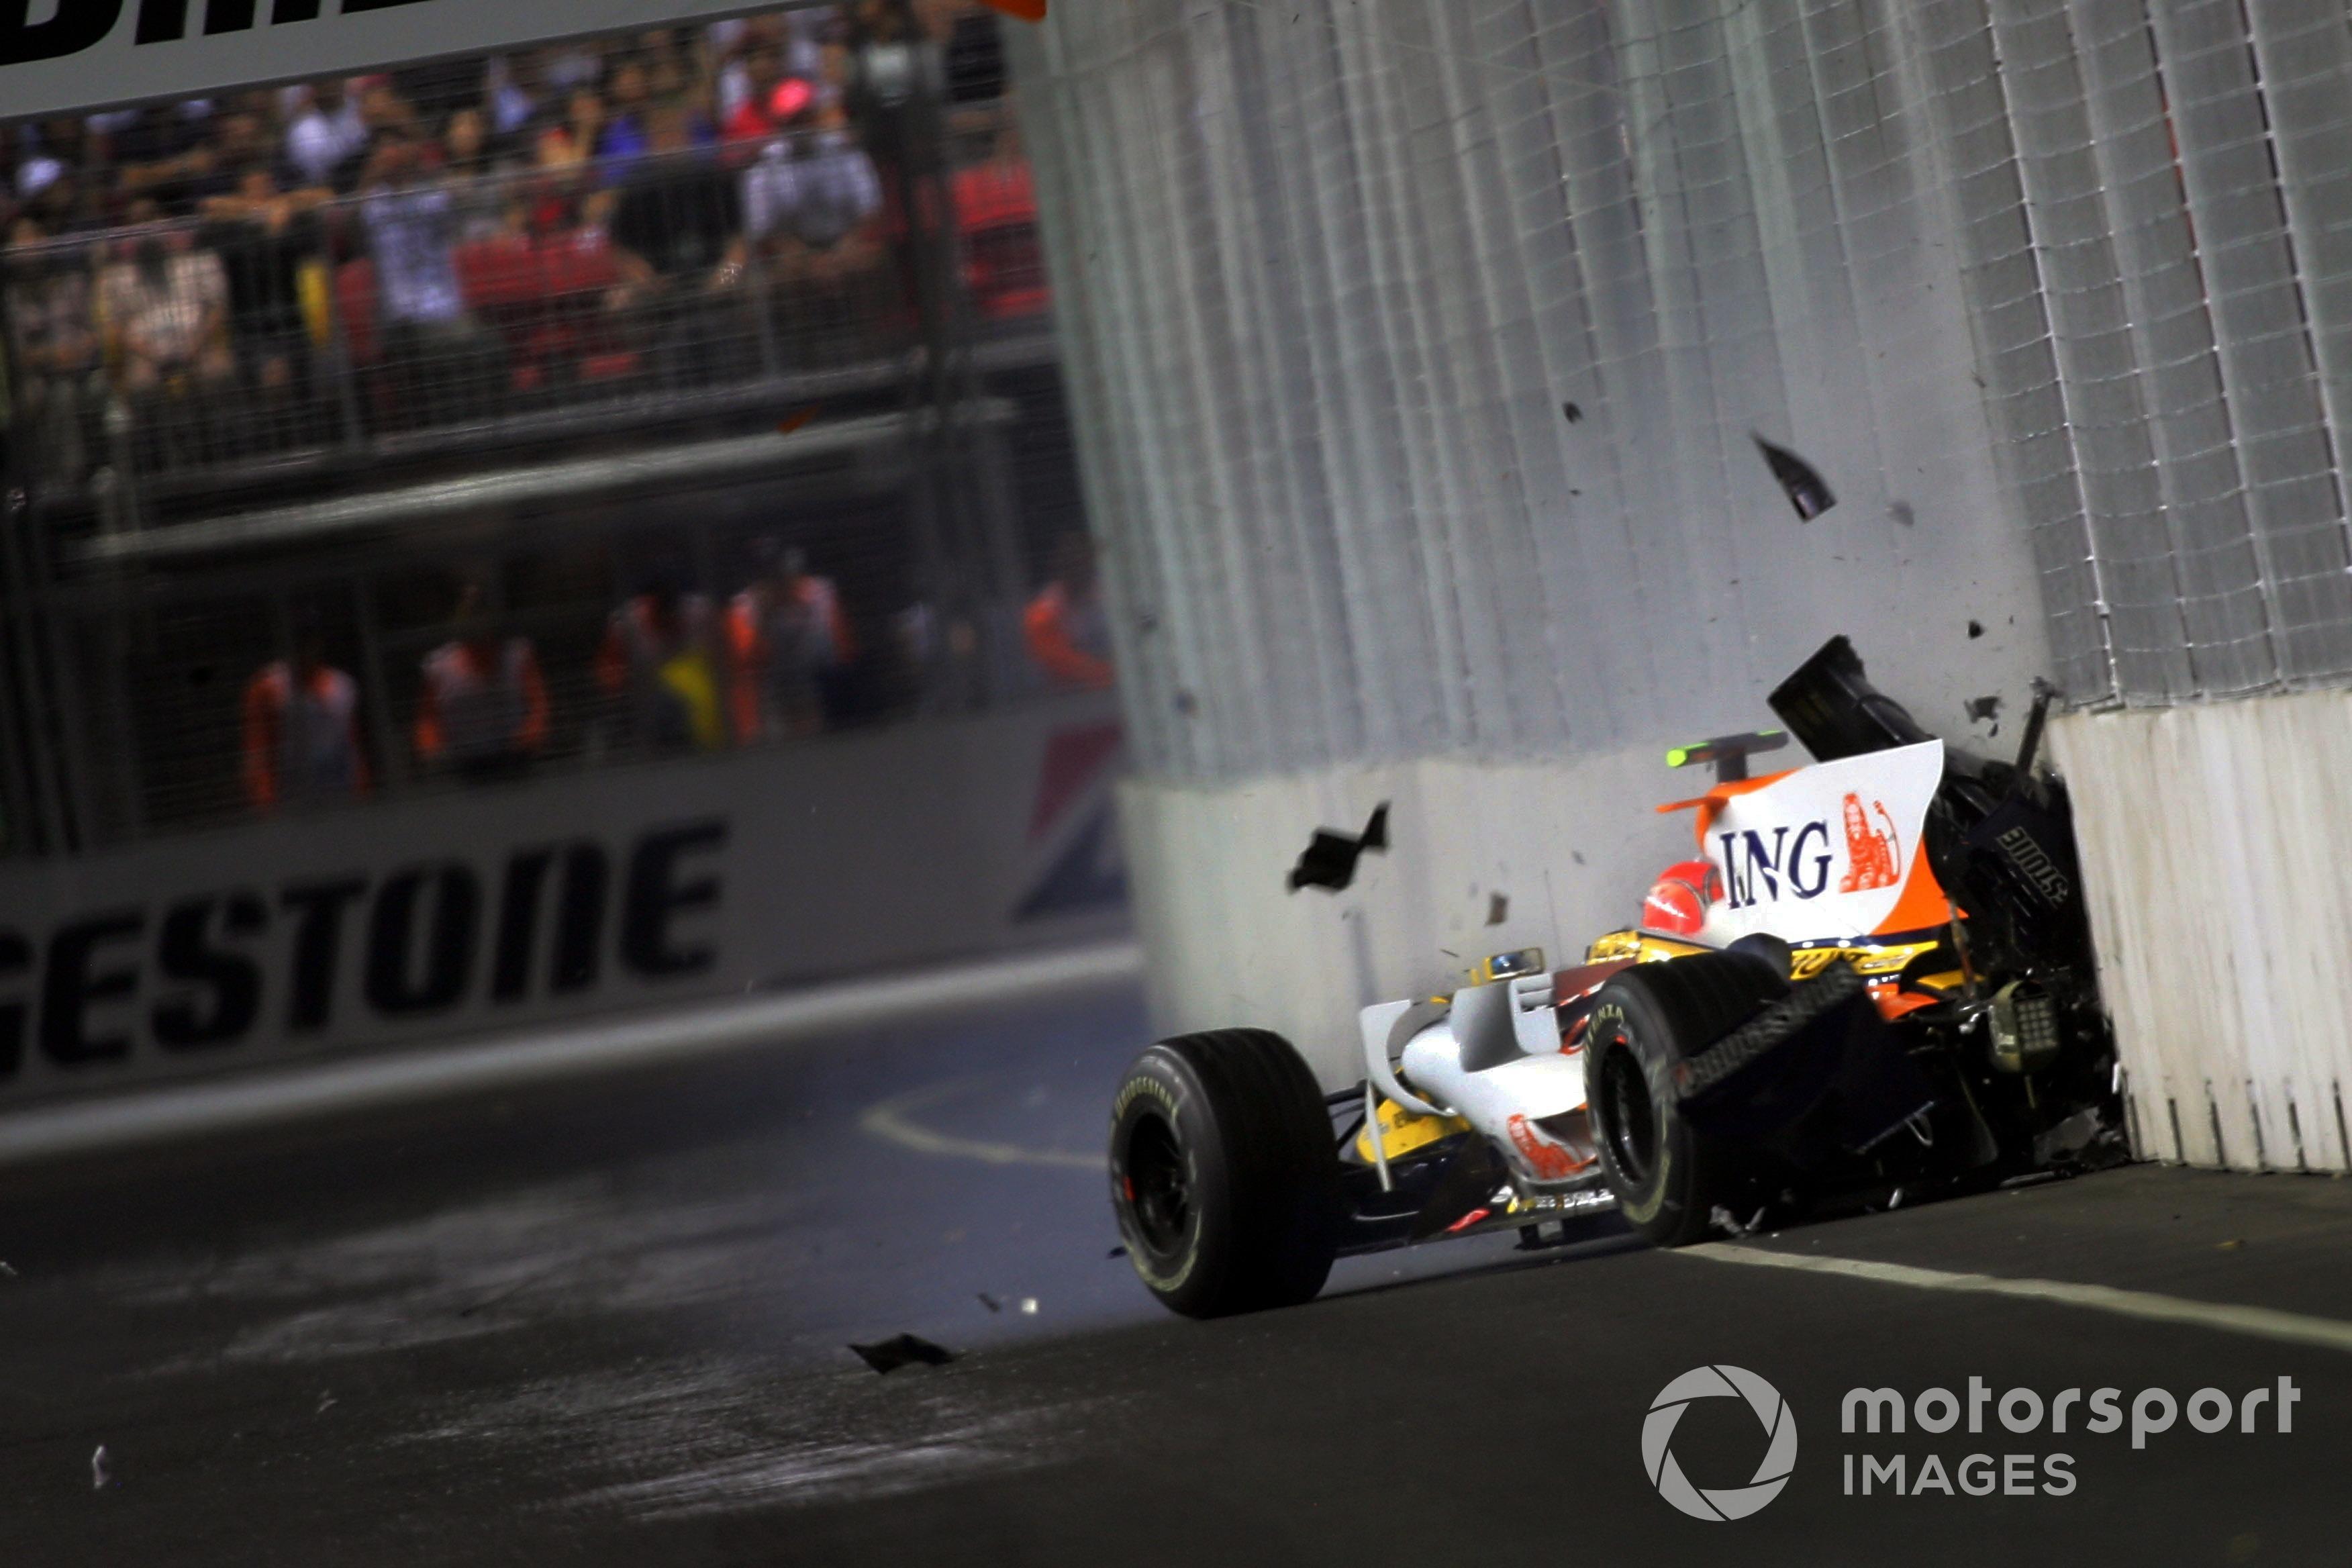 Nelson Piquet Jr. (BRA) choca su Renault en el GP de Singapur de 2008.